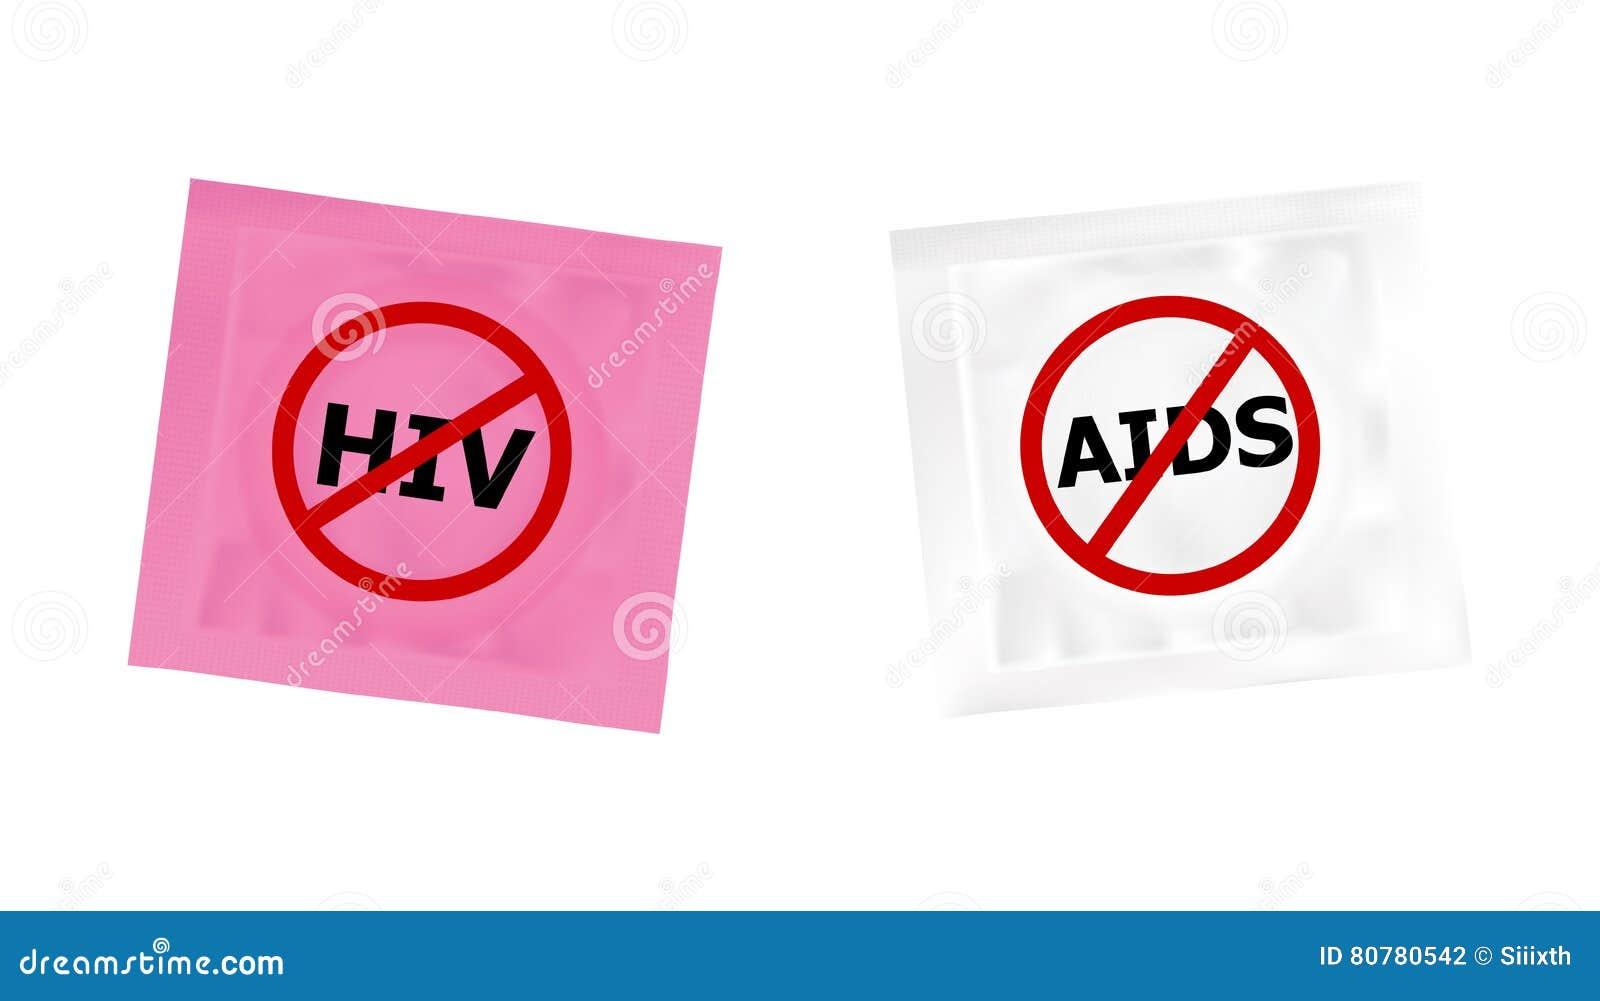 Condoms Cartoons Illustrations Vector – Fondos de Pantalla